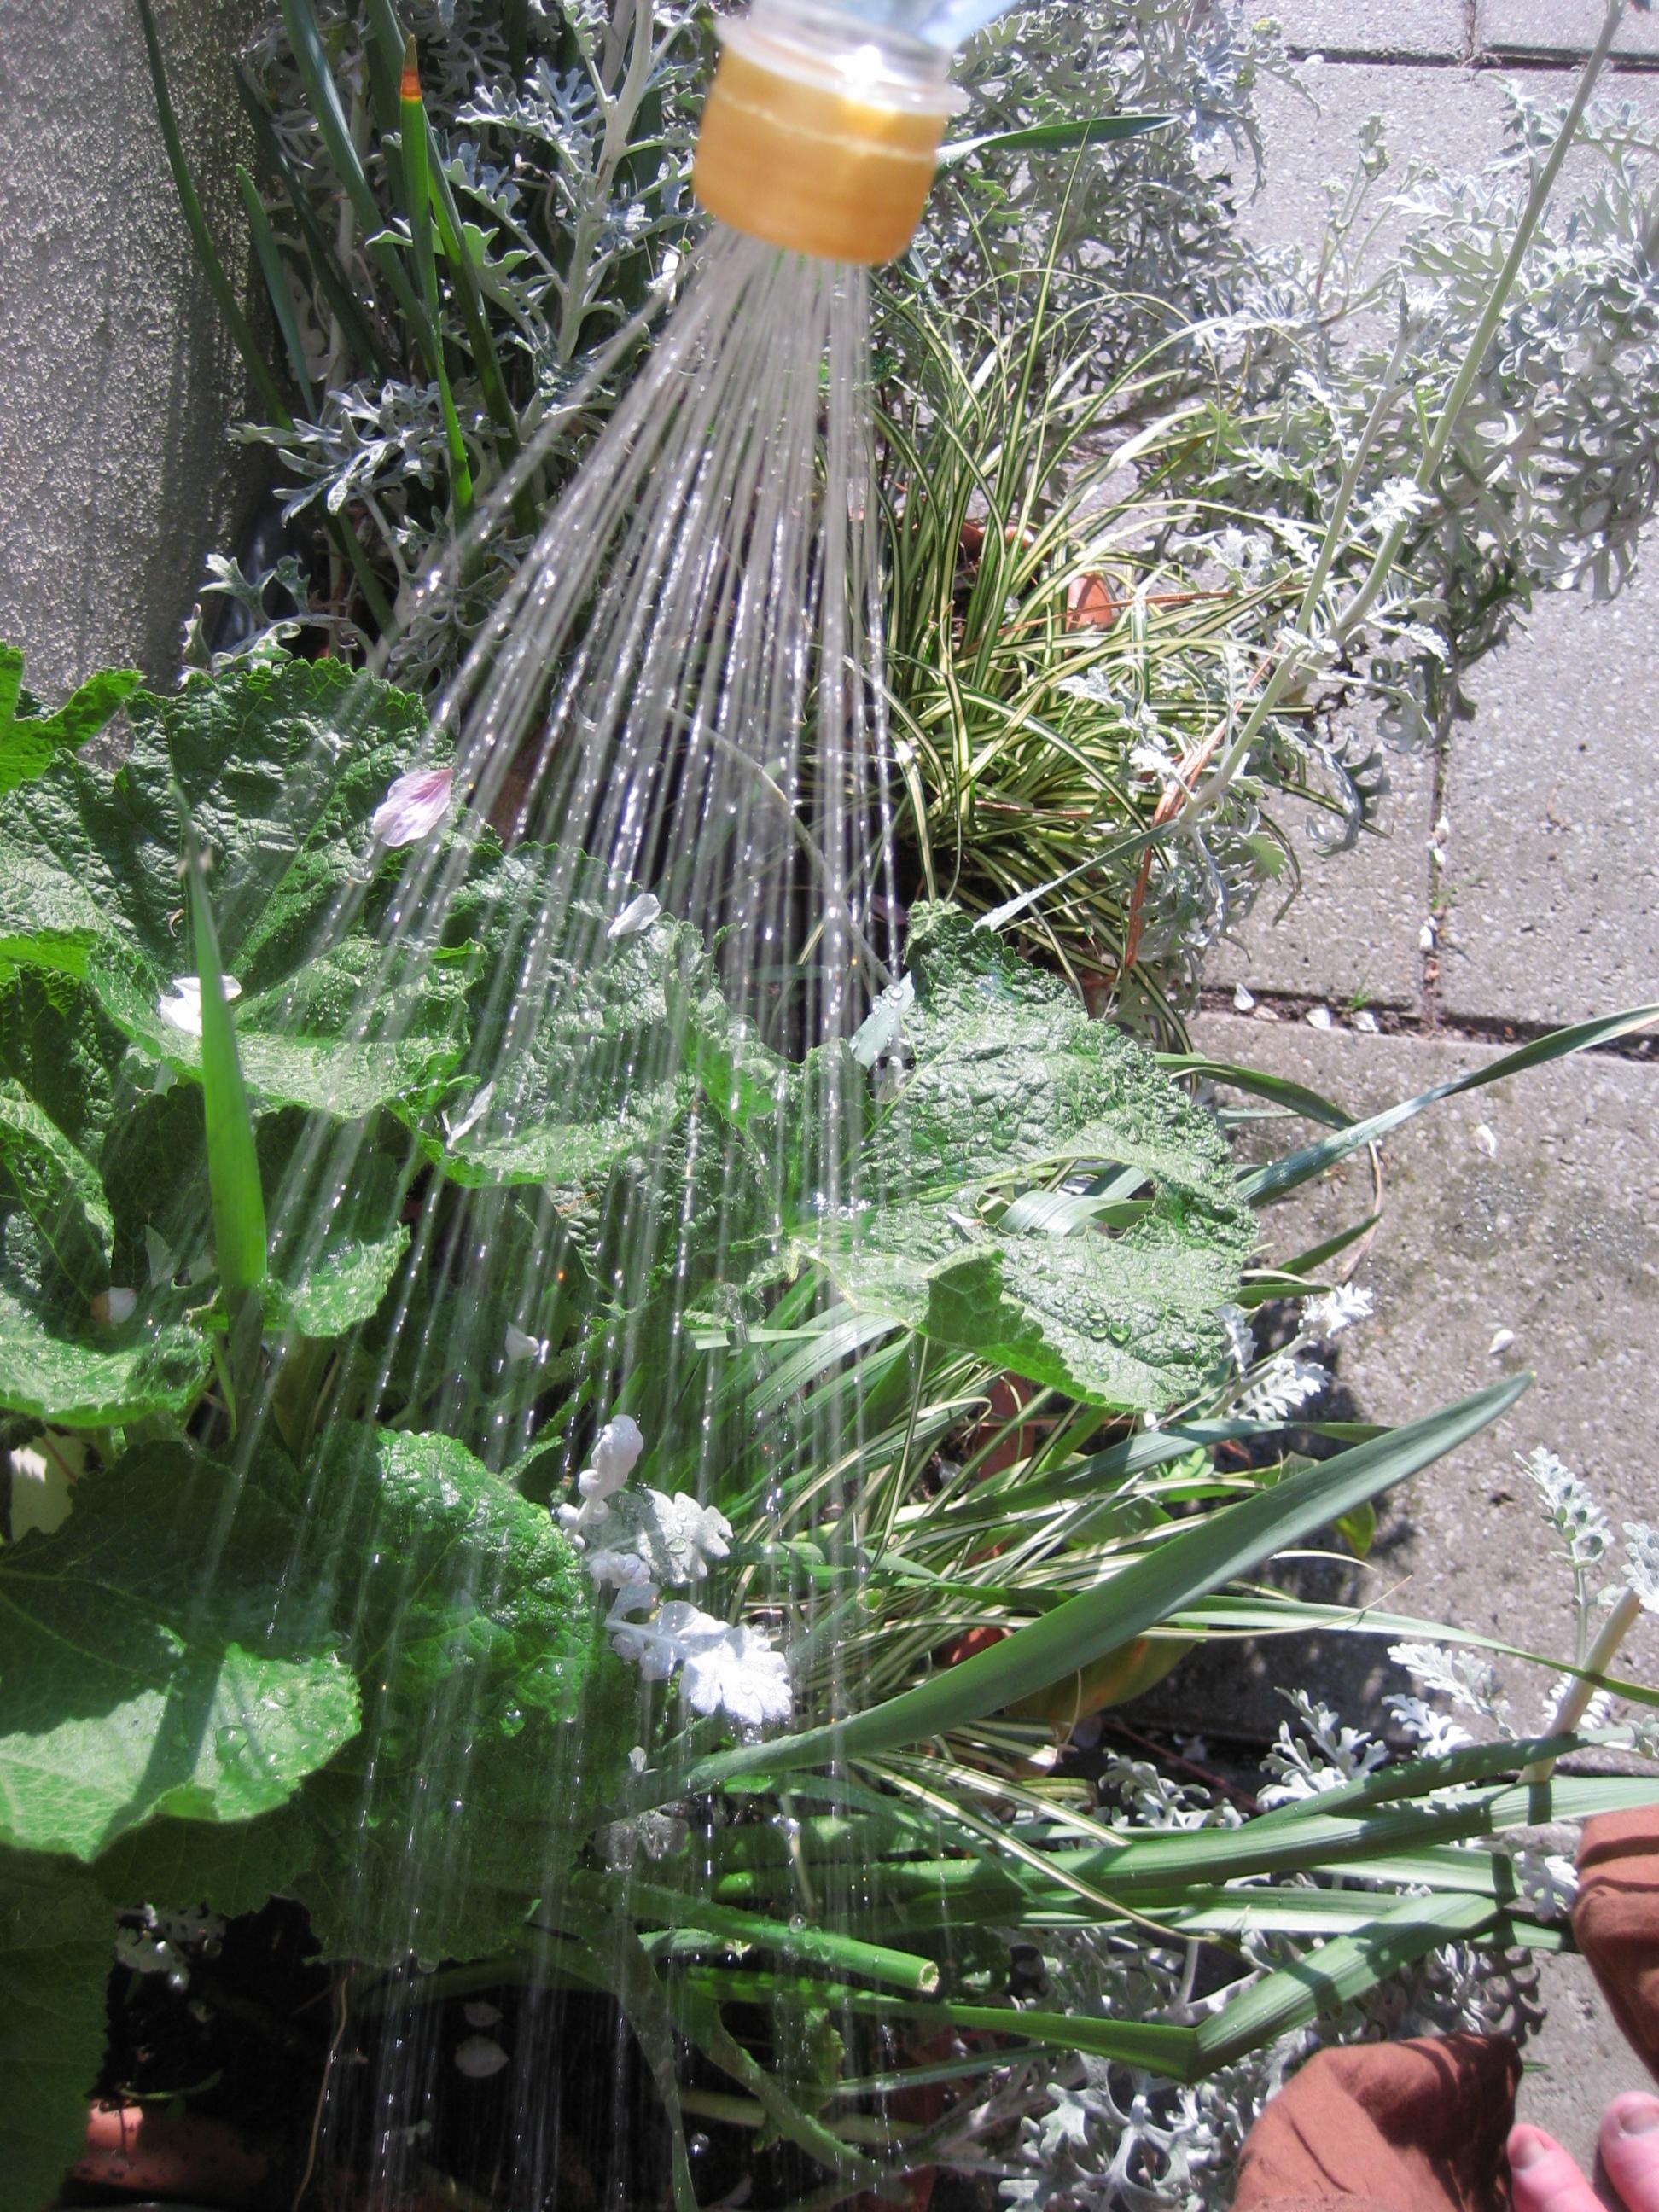 Water bottle sprinkler cap